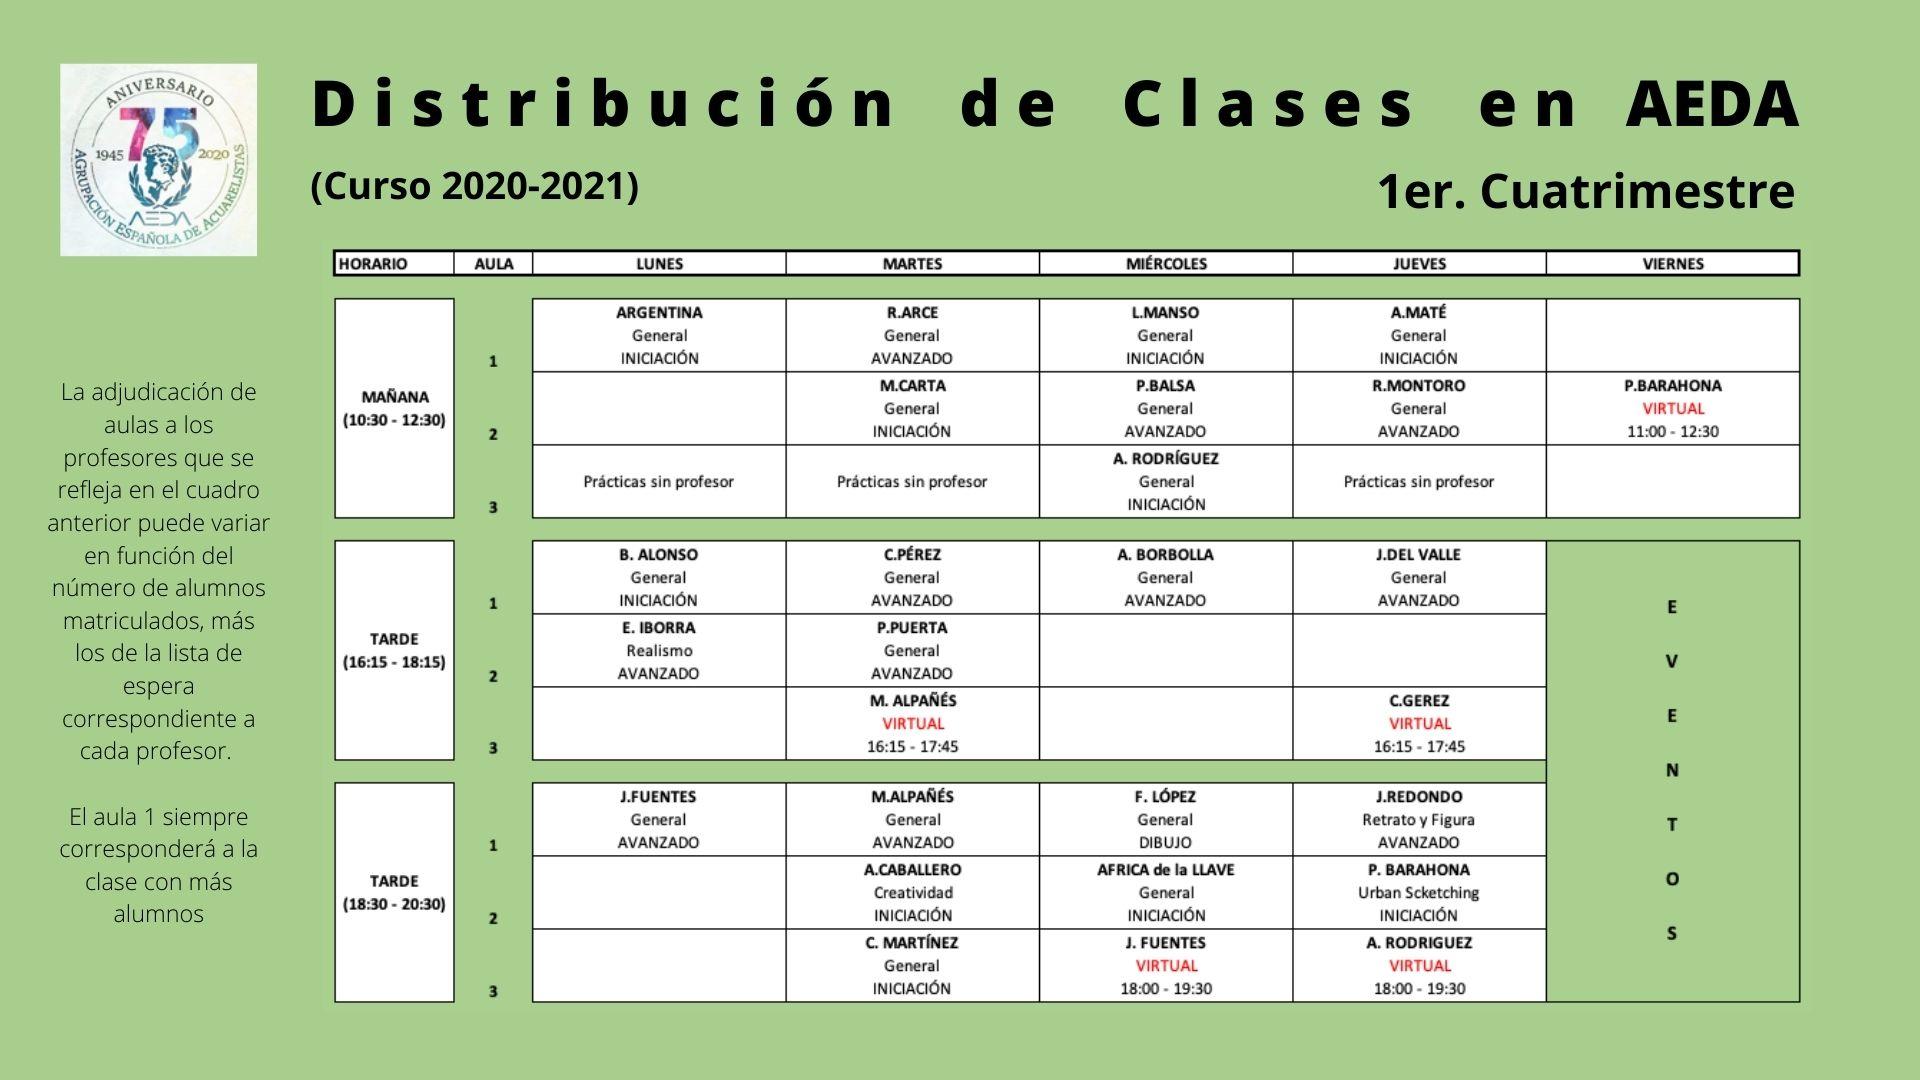 DISTRIBUCIÓN CLASES AEDA 2020-2021 !Q